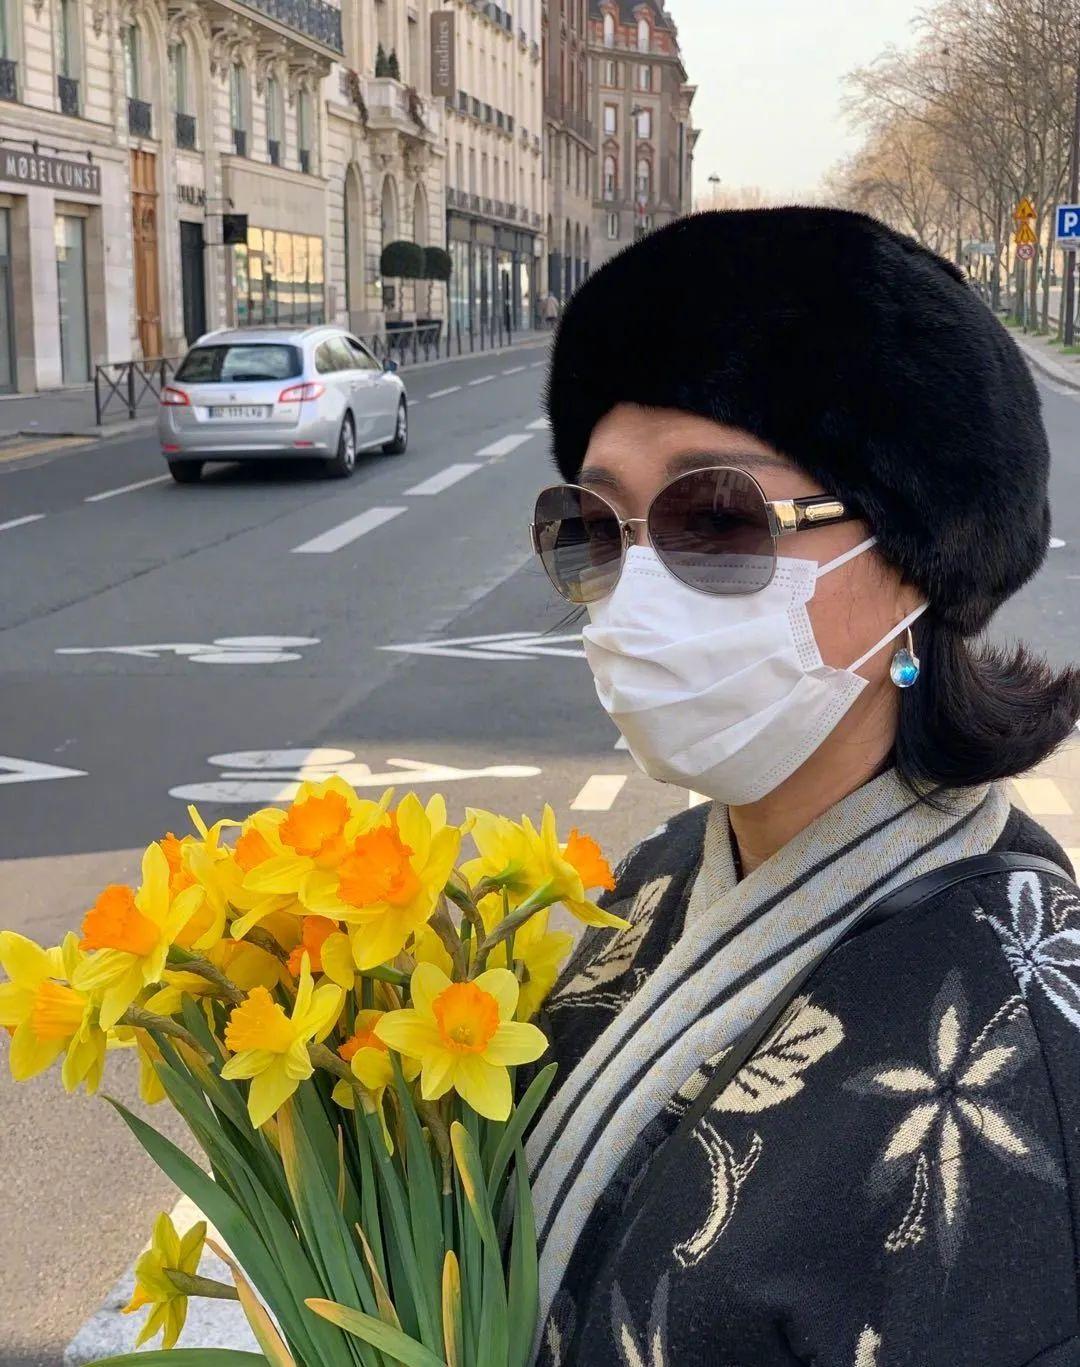 金星拒绝上《浪姐》?透露在法国注册电视台,继续做《金星秀》?